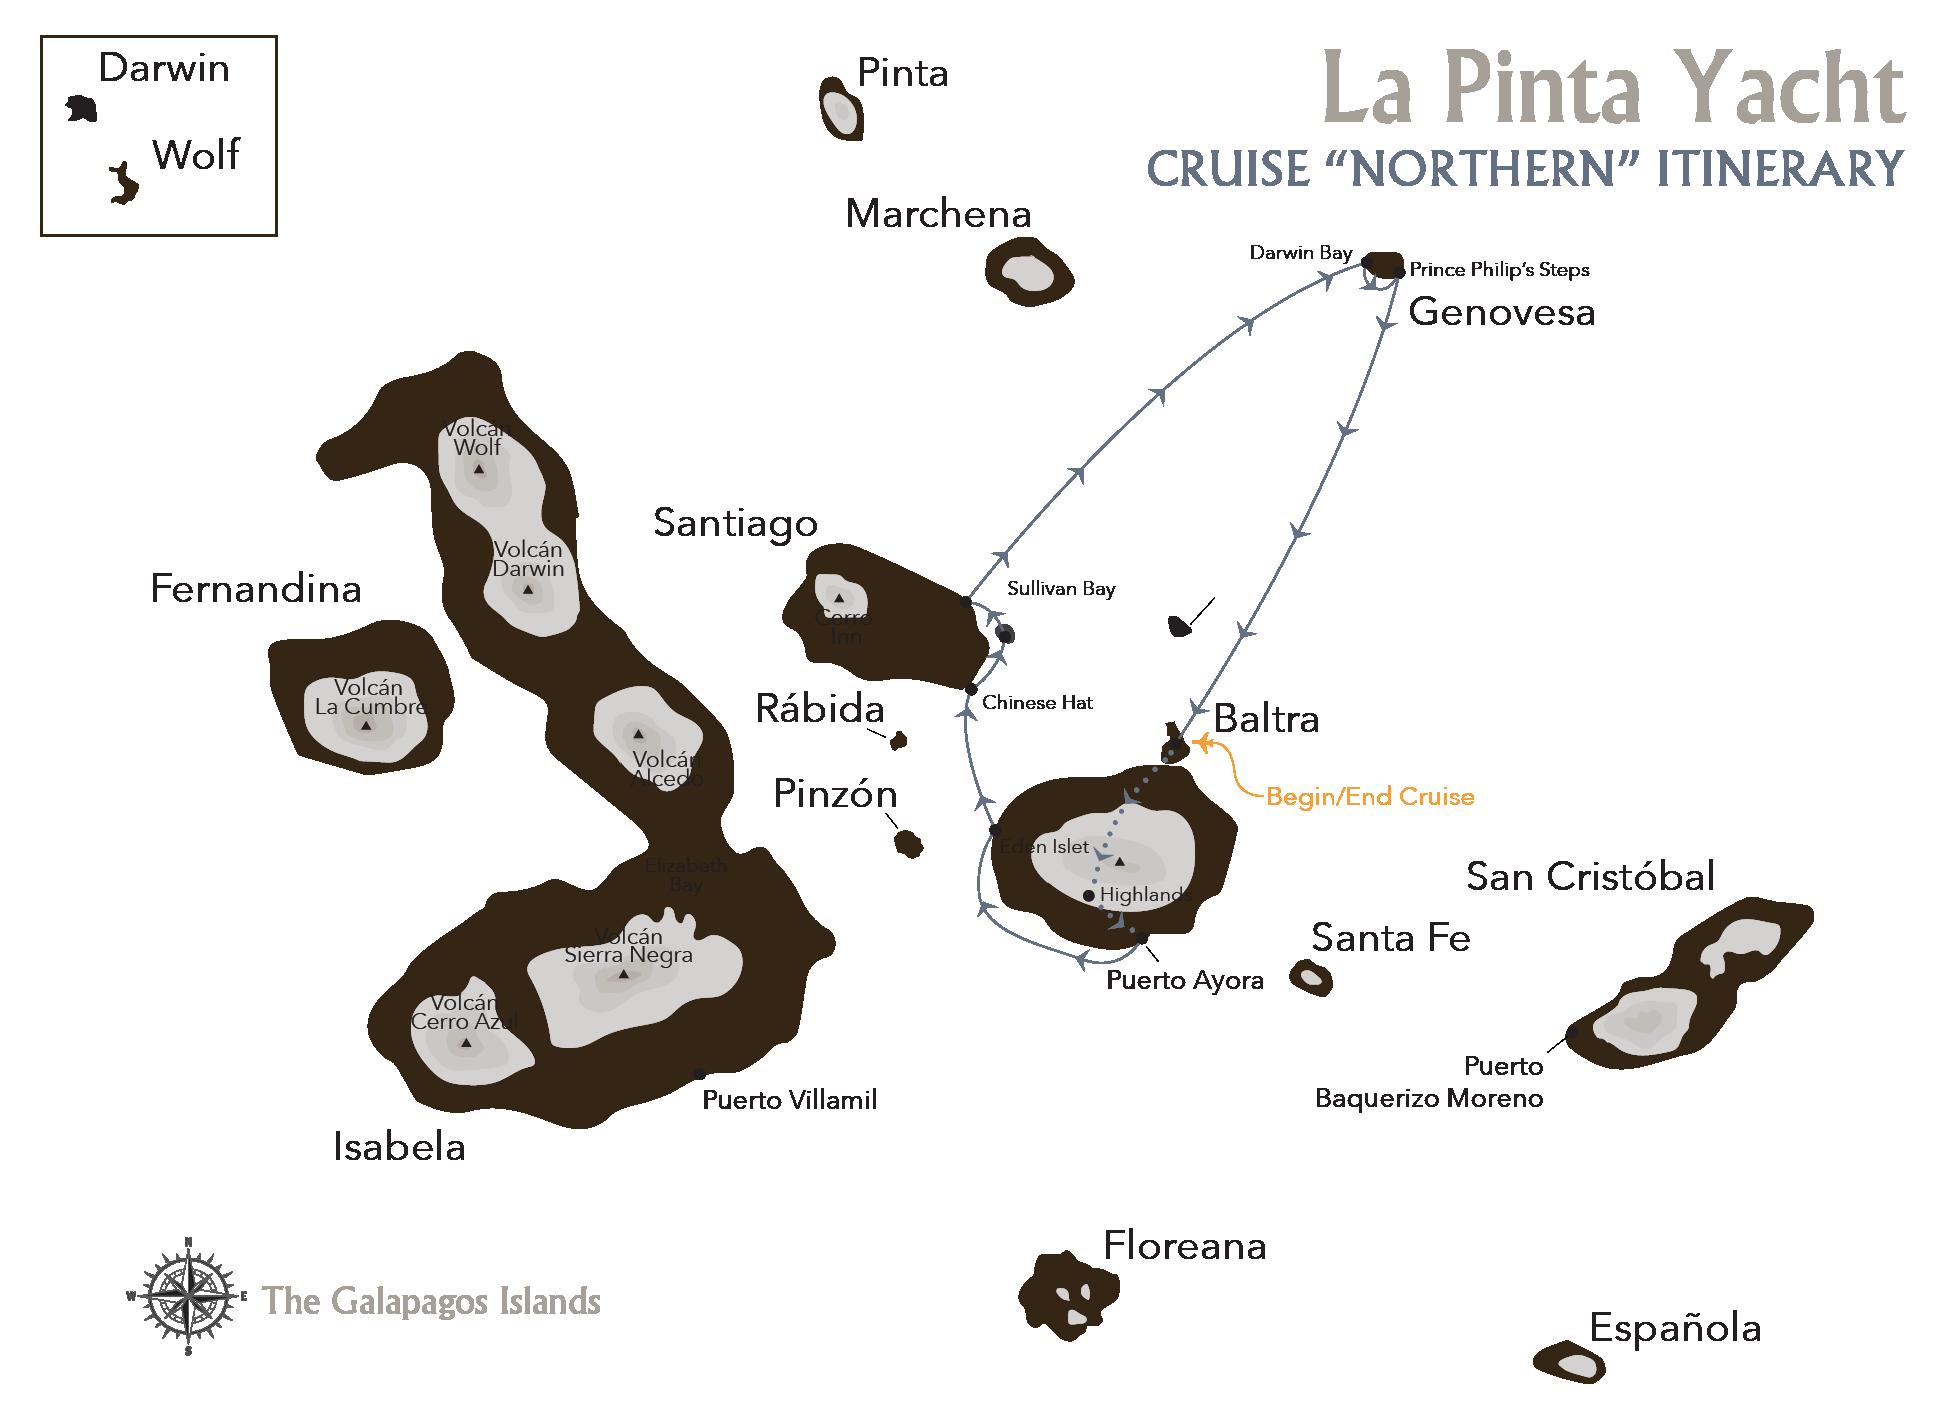 QUITO & GALAPAGOS TOUR WITH LA PINTA